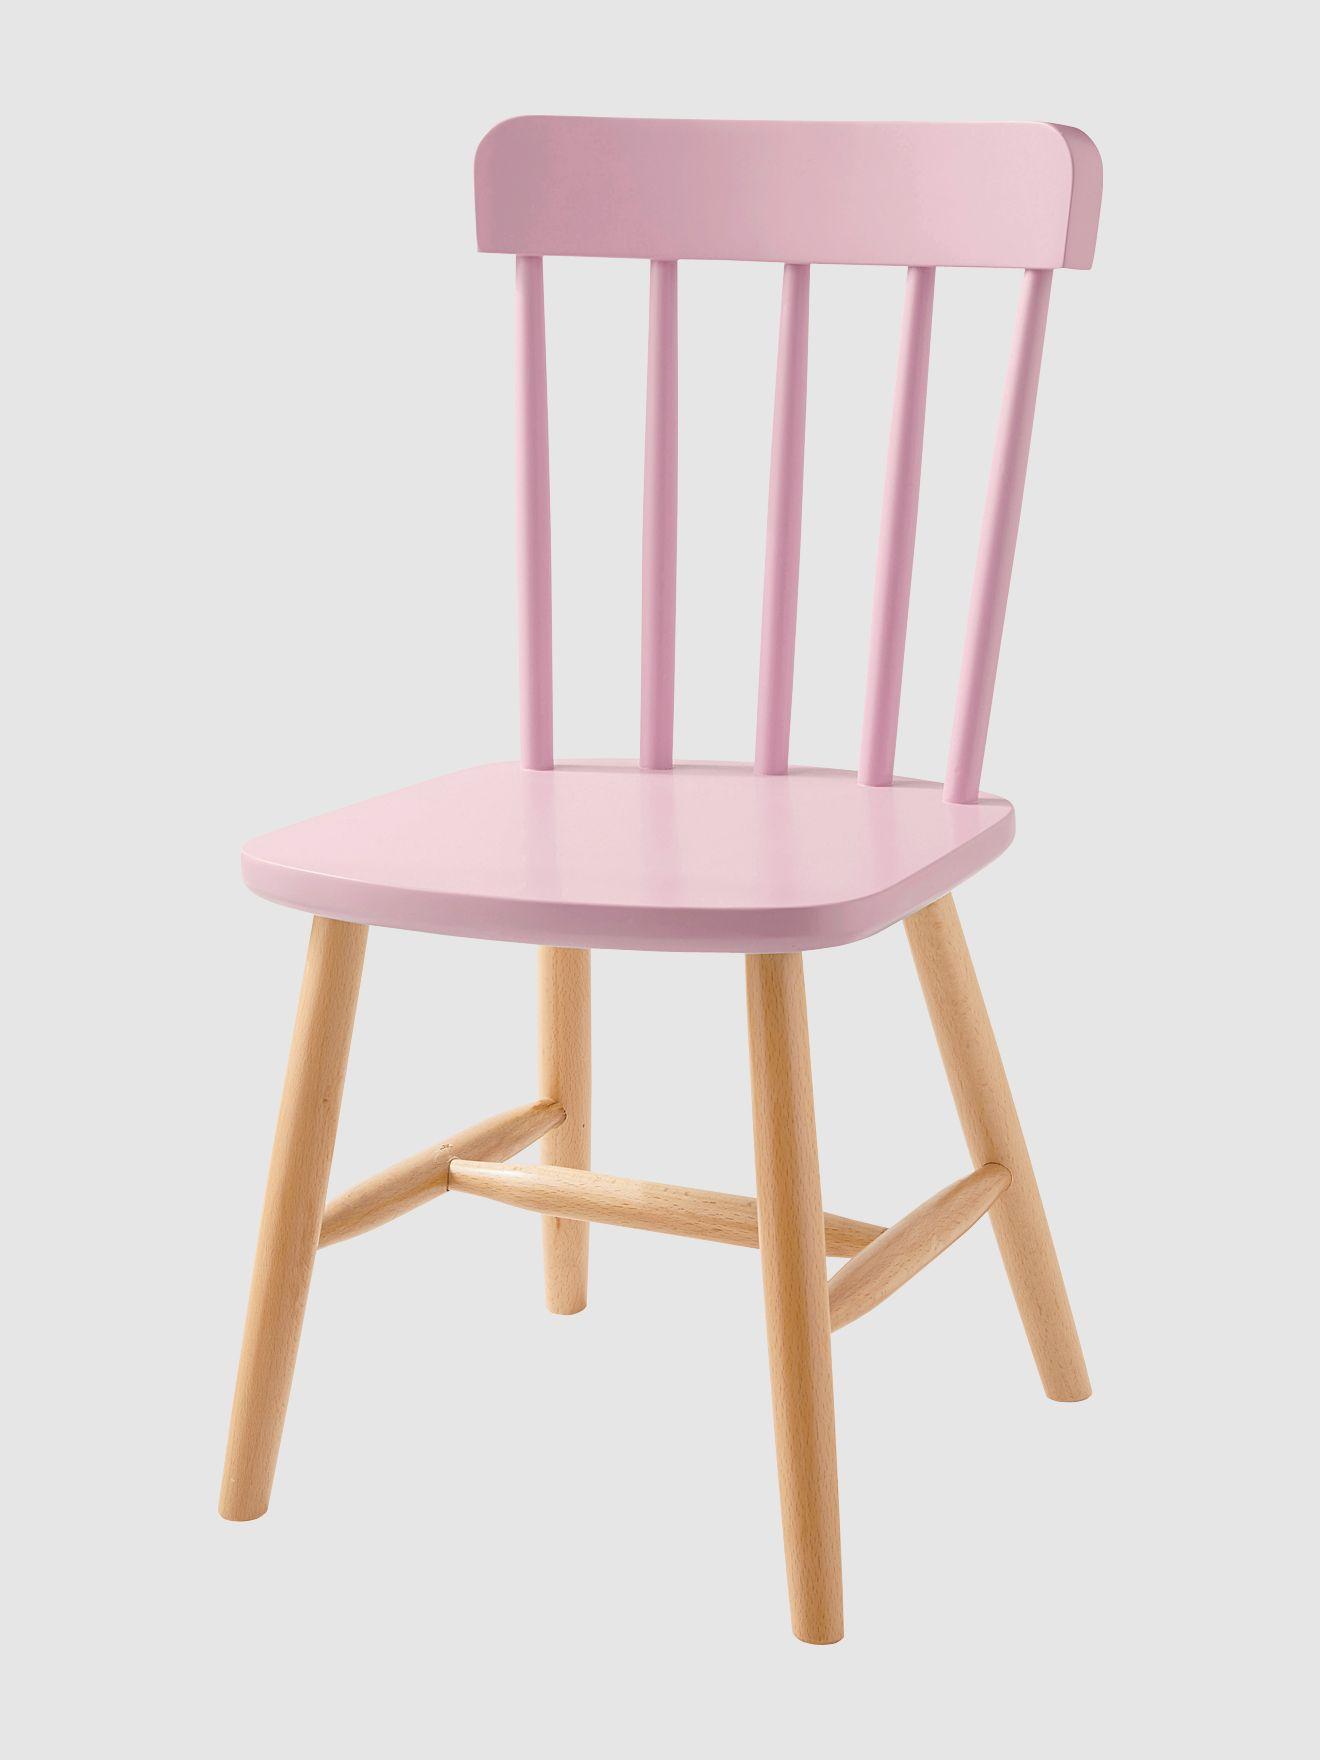 Chaise Architekt spcial maternelle assise H 31 cm blancbois